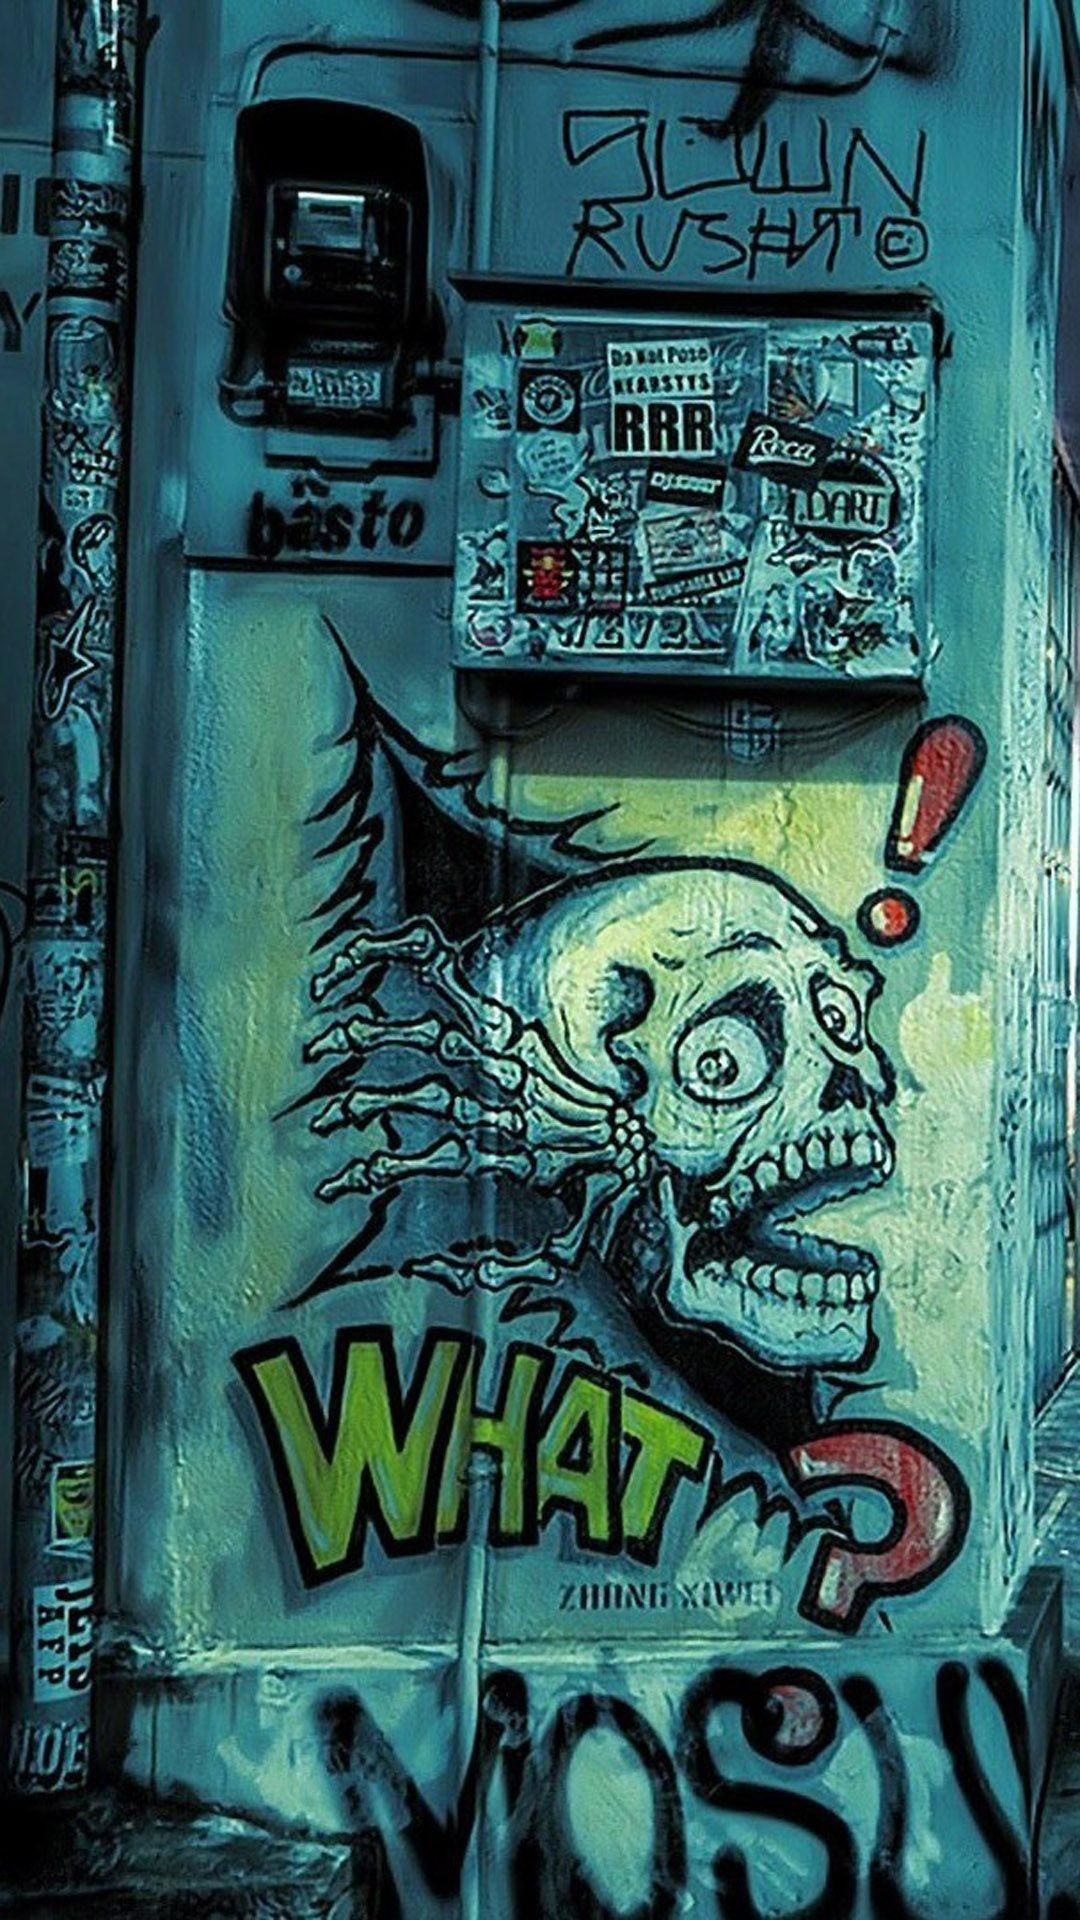 Street Art Iphone Hd Wallpaper Iphone Wallpaper